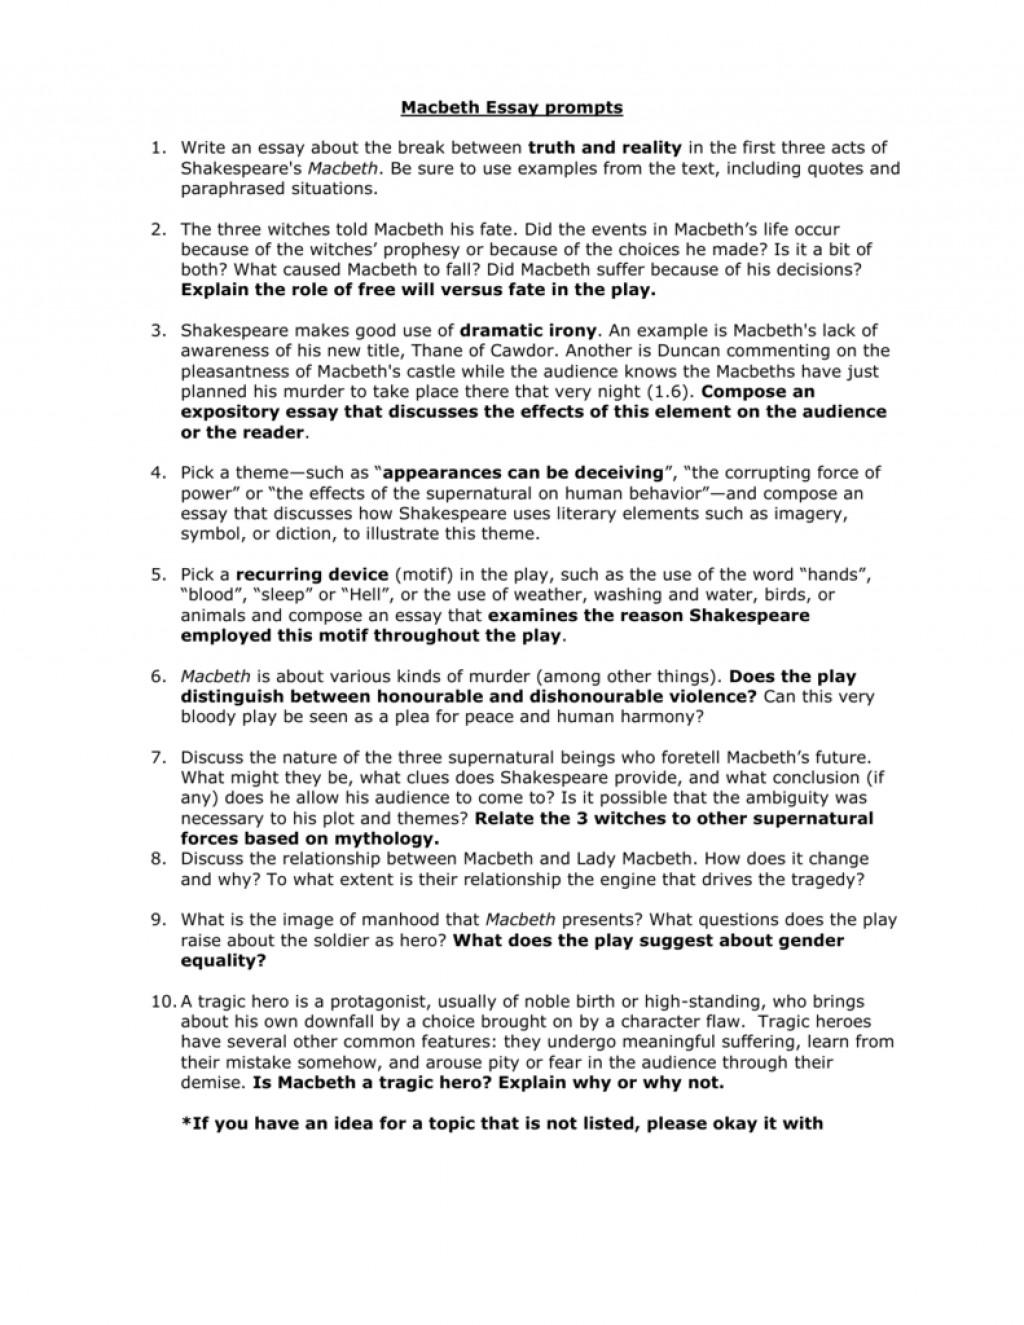 001 Macbeth Essay Topics 008046547 1 Surprising Examples Pdf Grade 11 Tragic Hero Large